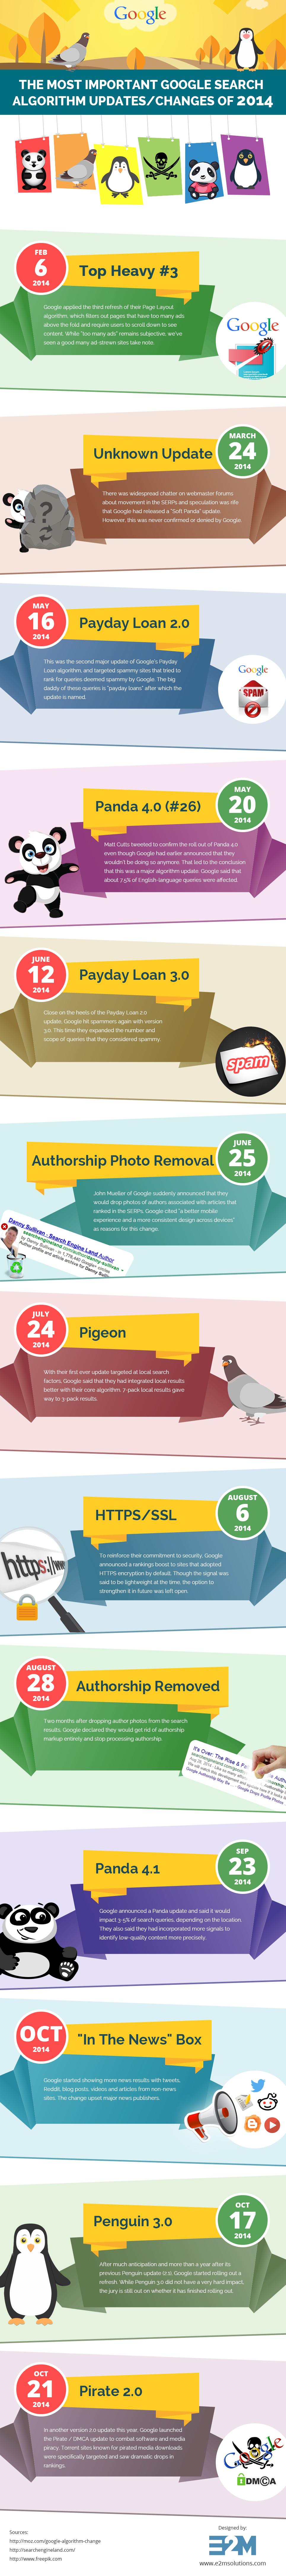 infographie-google-algorithmes-2014